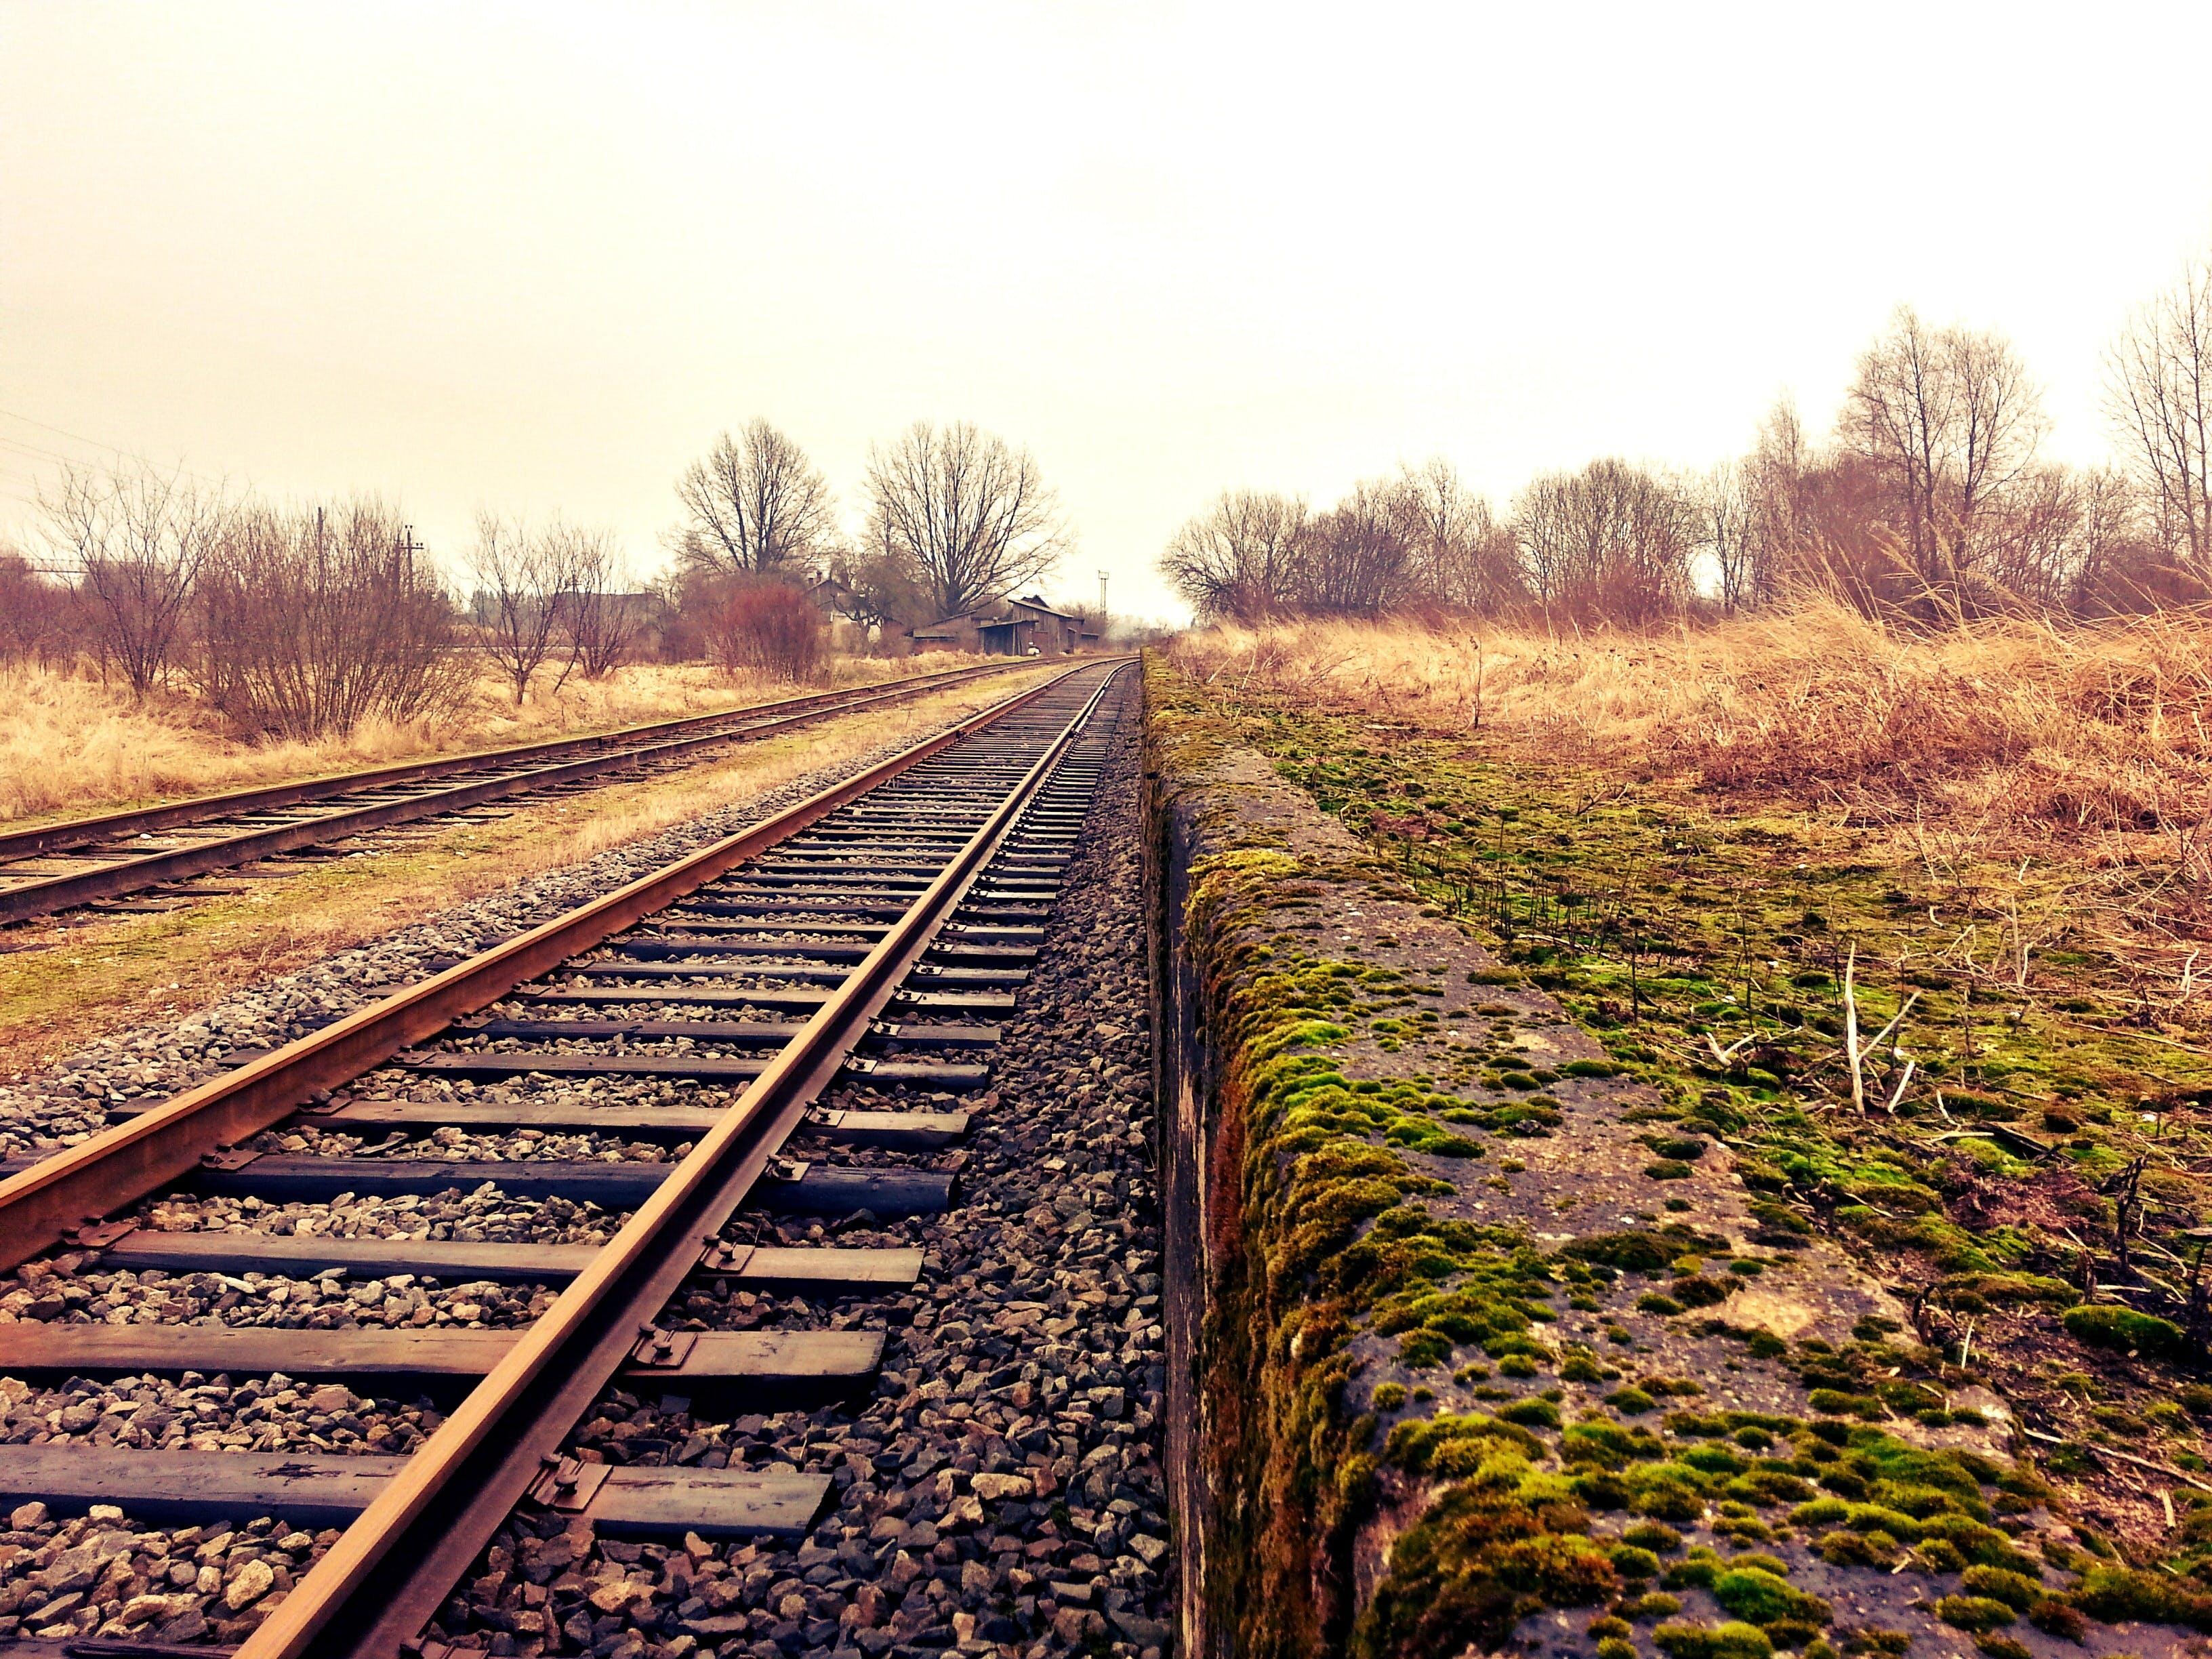 Kostnadsfri bild av infrastruktur, järnväg